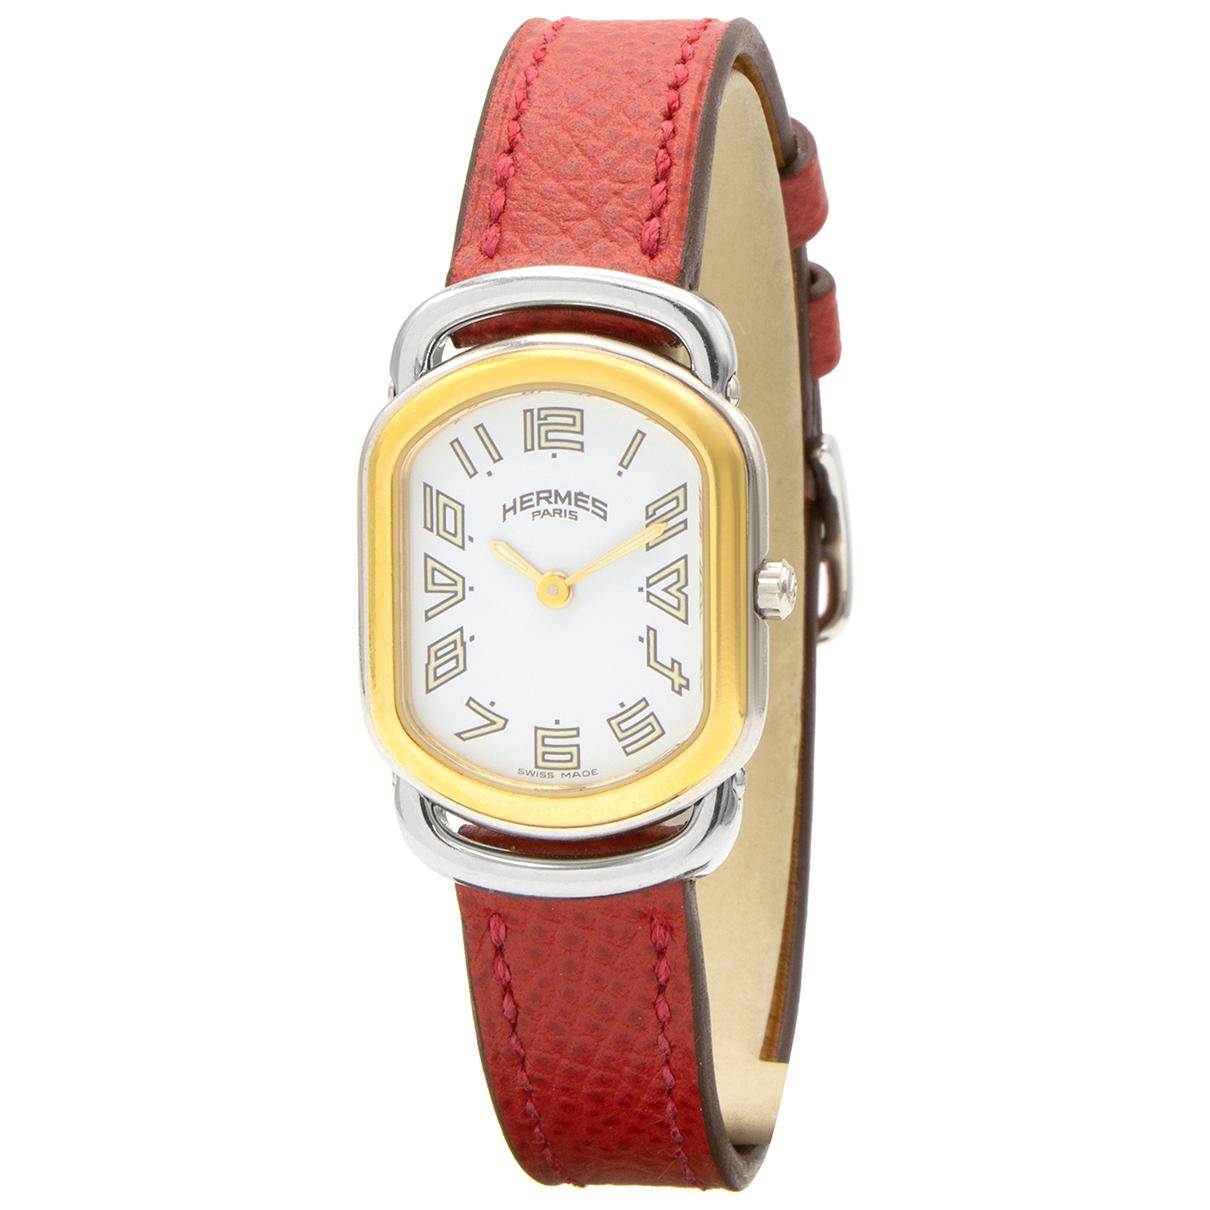 Reloj Rallye Hermes